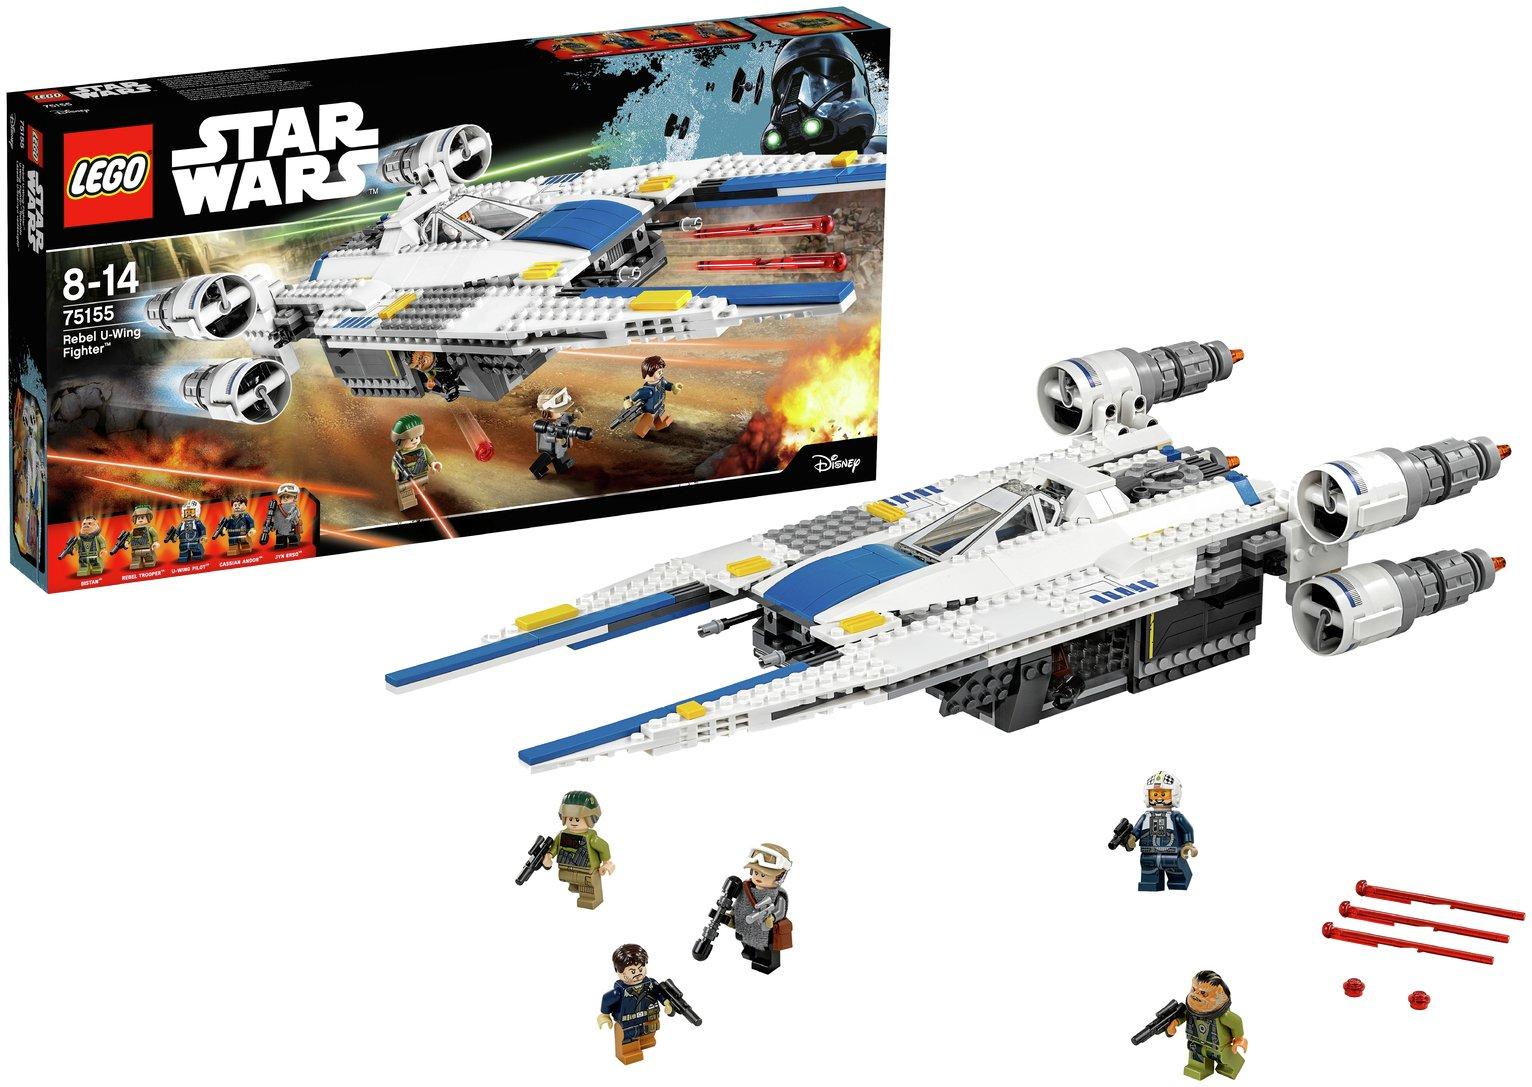 LEGO Star Wars R1 Rebel U Wing - 75155.